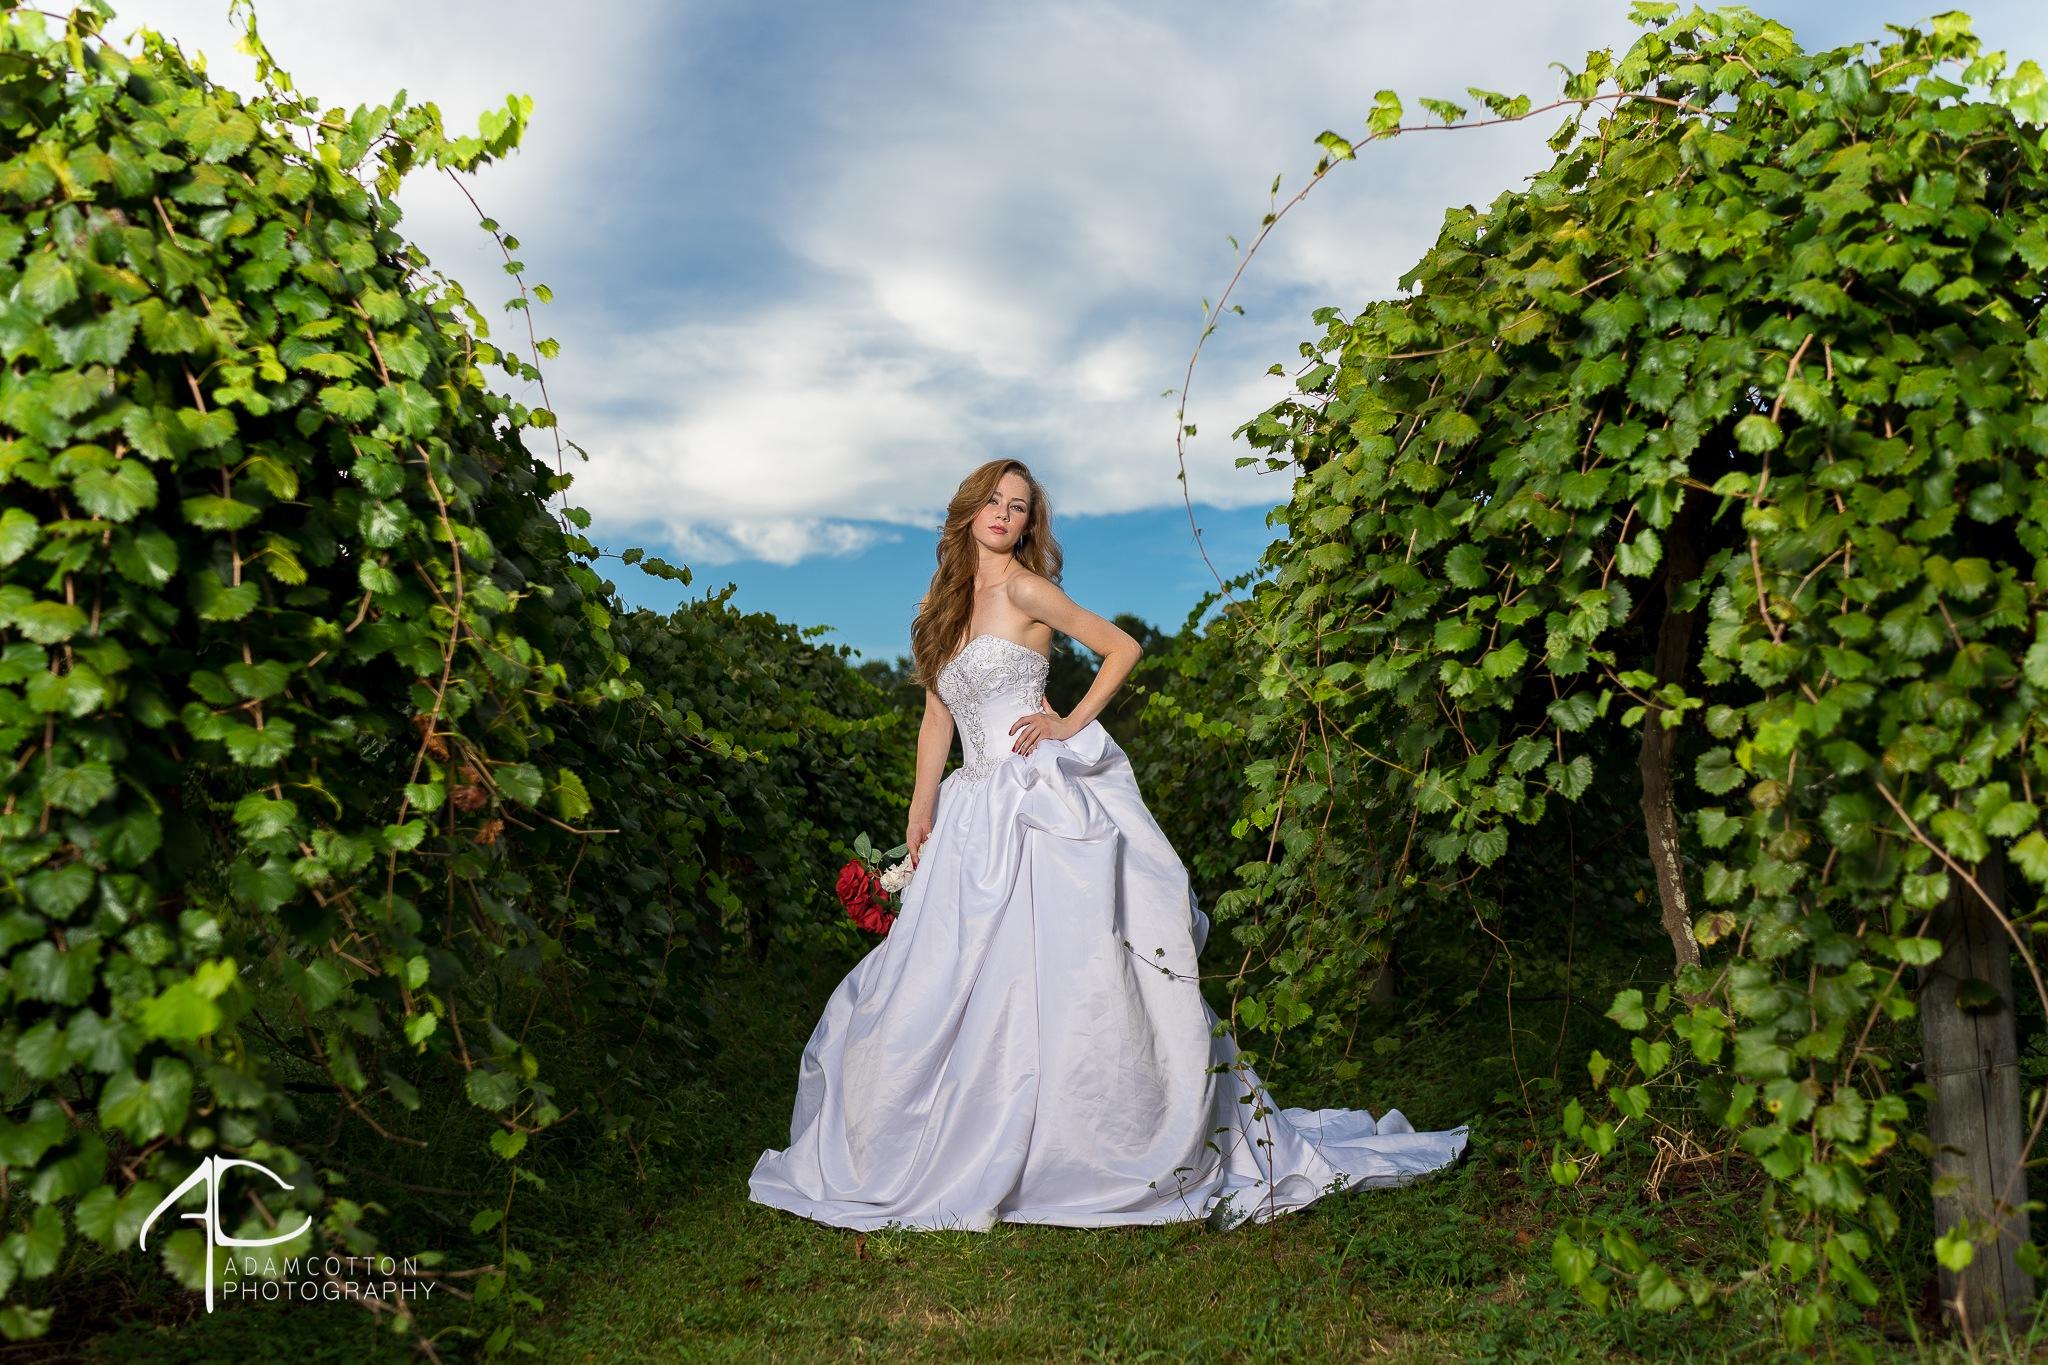 Wedding_bridals_vineyard by Adam Cotton